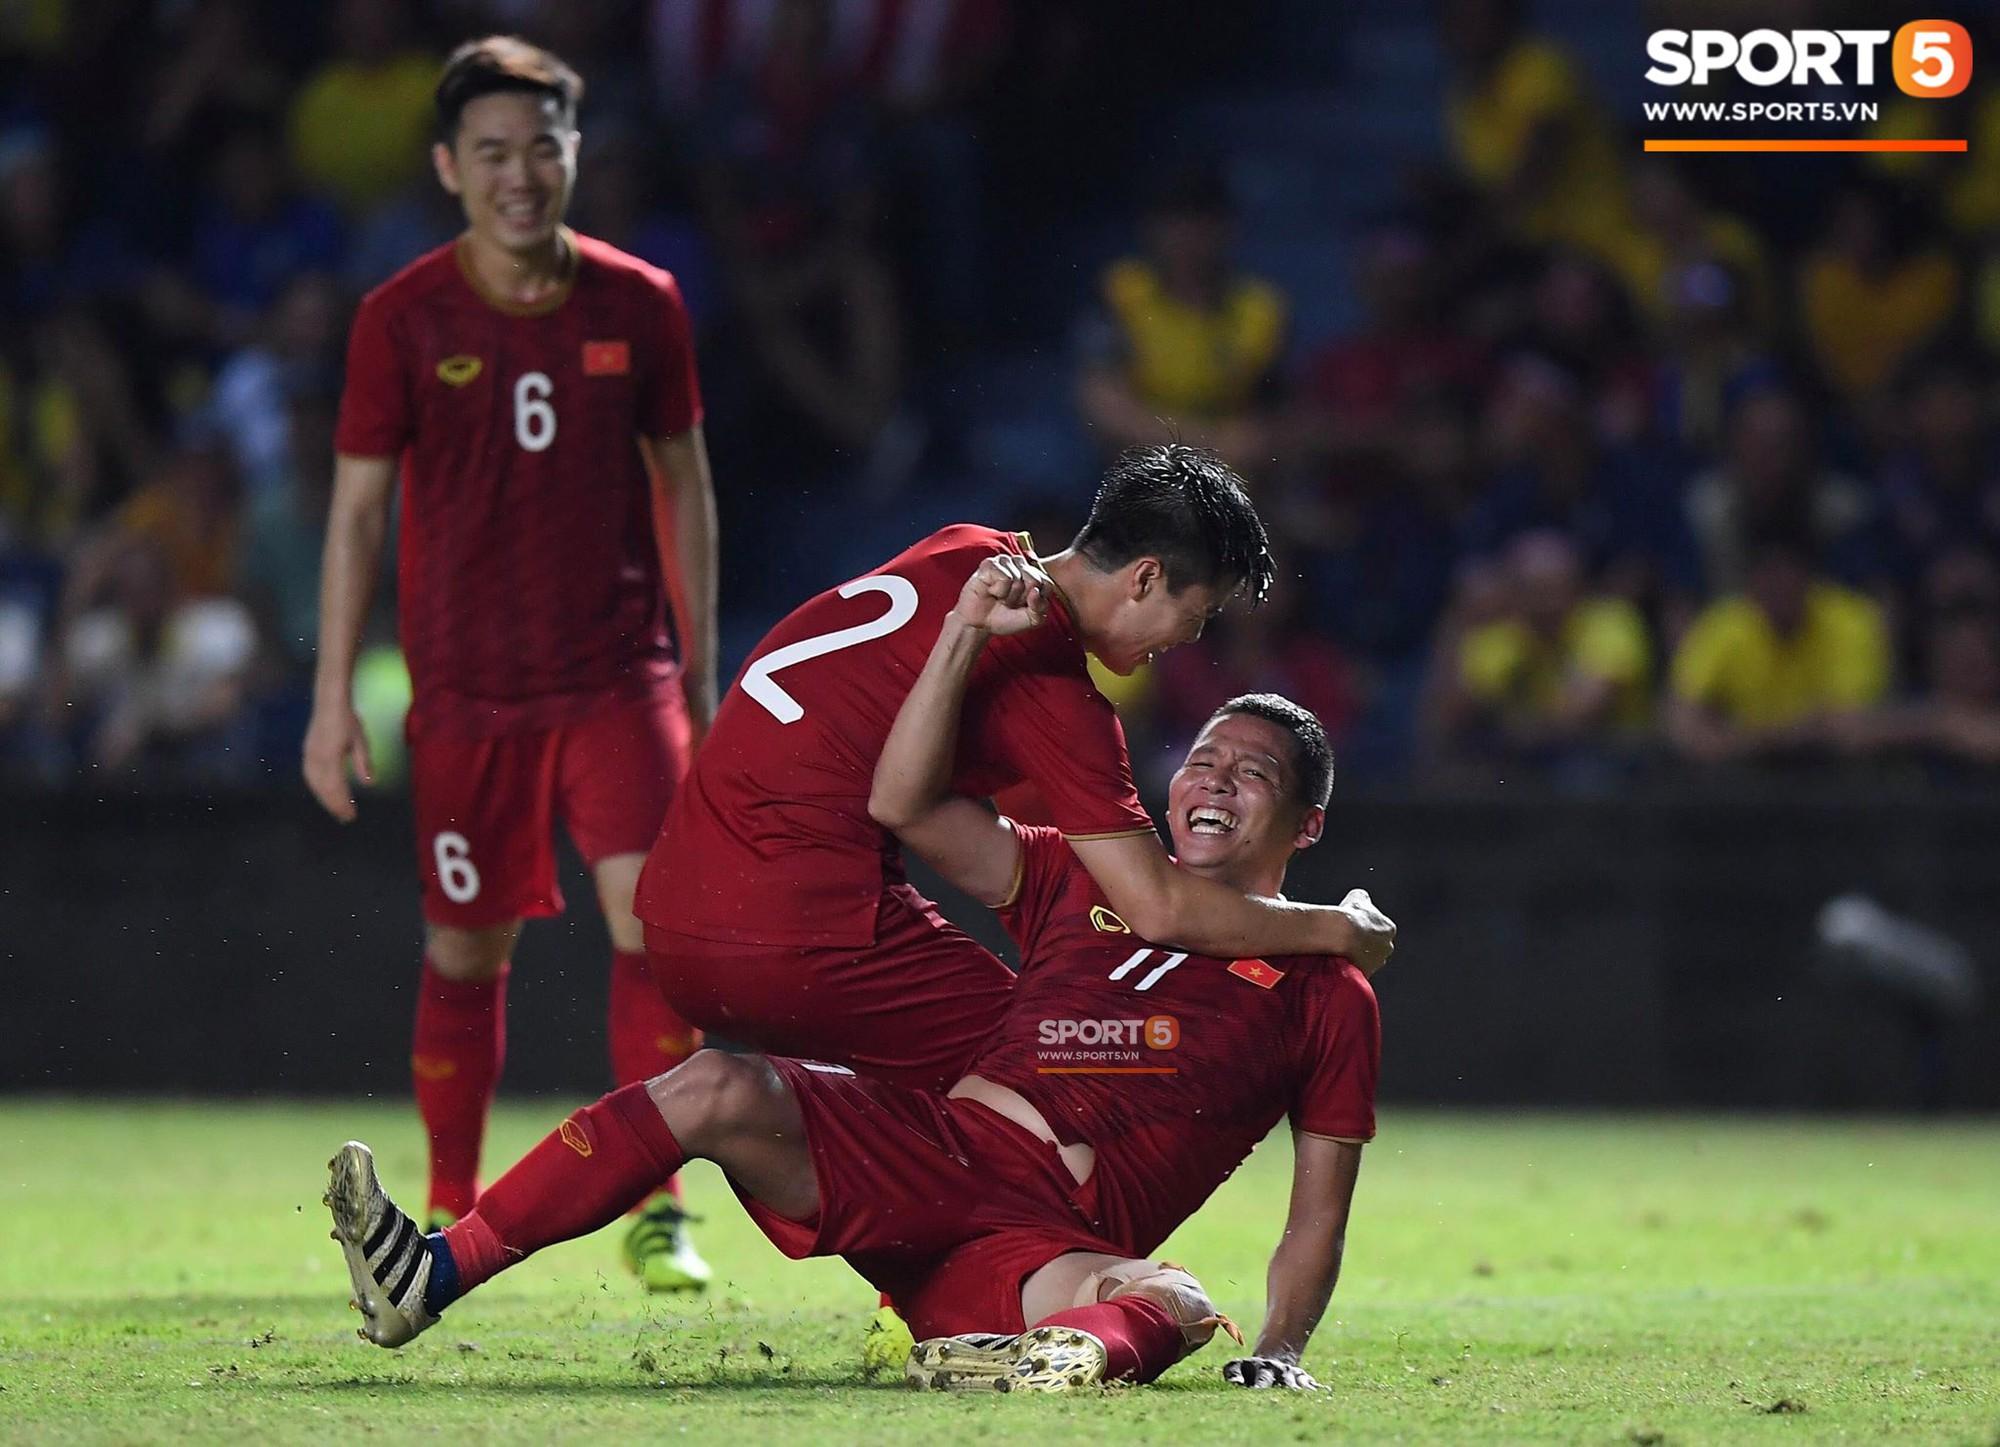 Anh Đức gục ngã đau đớn sau pha ghi bàn vào lưới Thái Lan nhưng vẫn kịp nở nụ cười mãn nguyện - Ảnh 3.